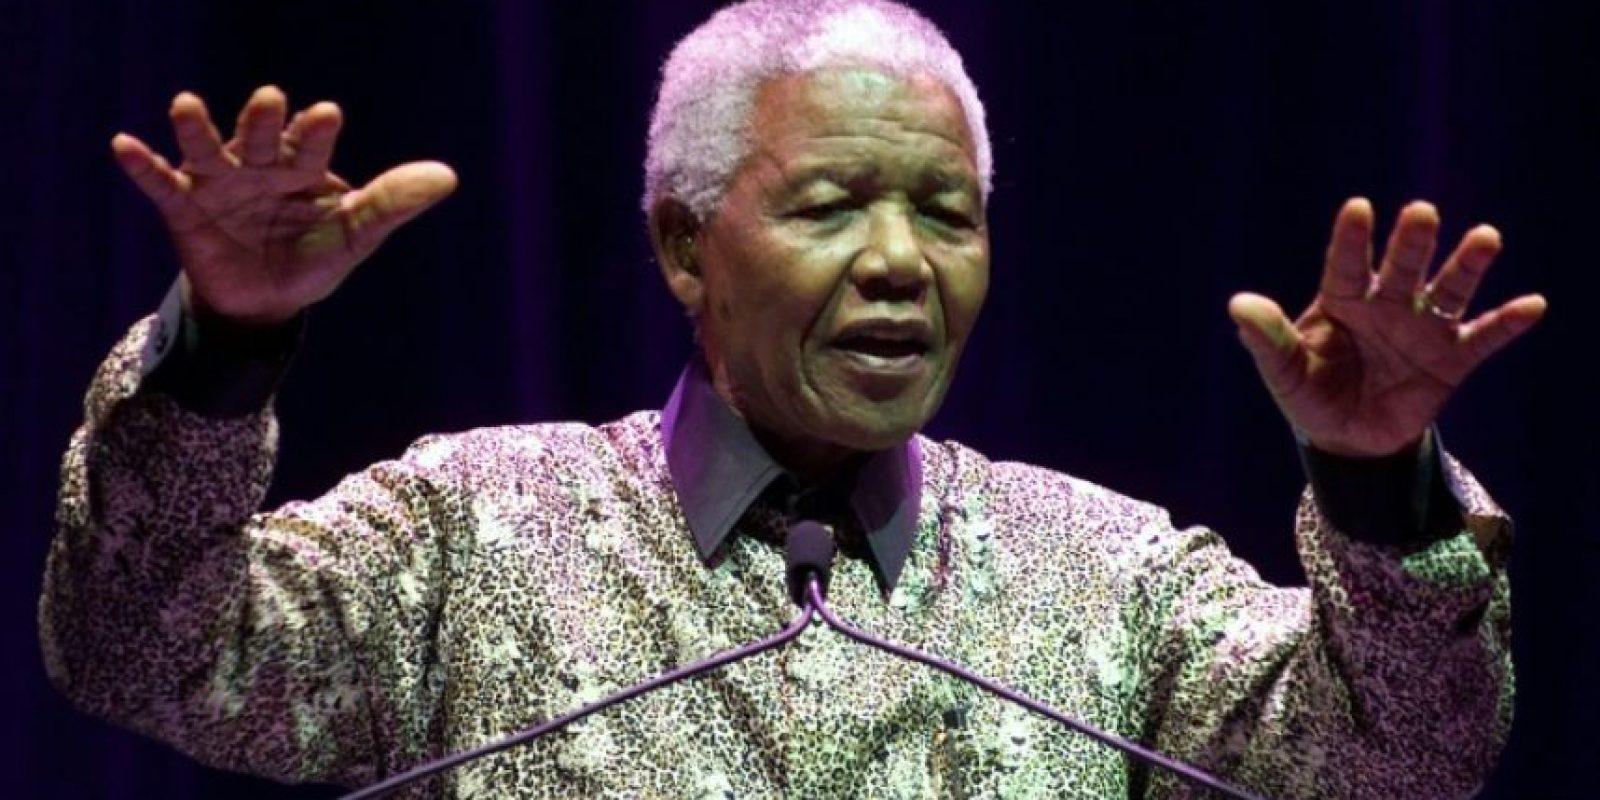 El expresidente de Sudáfrica y Nobel de la Paz Nelson Mandela en un acto en Melbourne, Australia, el 8 de septiembre de 2000 Foto:Torsten Blackwood/afp.com